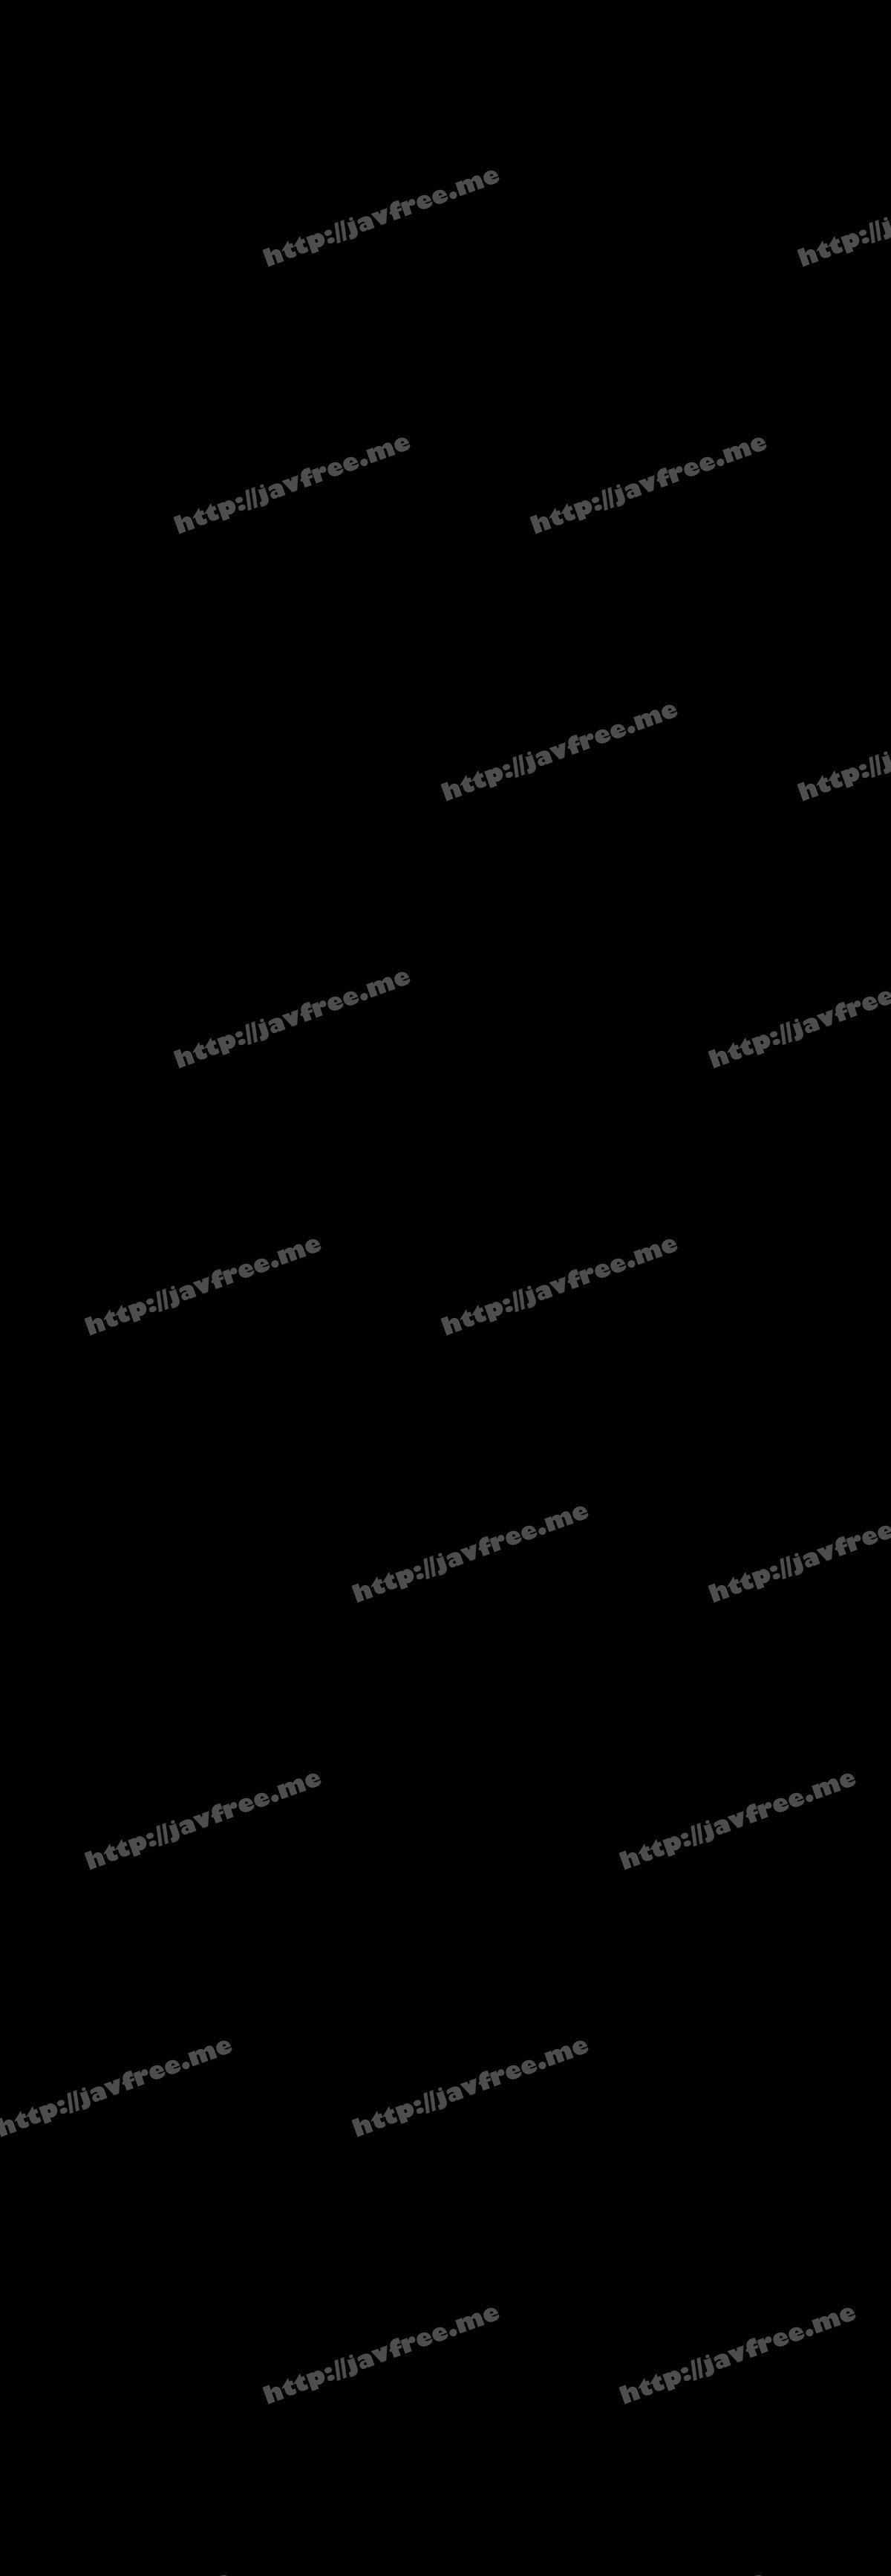 [HD][BAZX-186] 生中出しアイドル枕営業 Vol.001 - image BAZX-186-720p on https://javfree.me